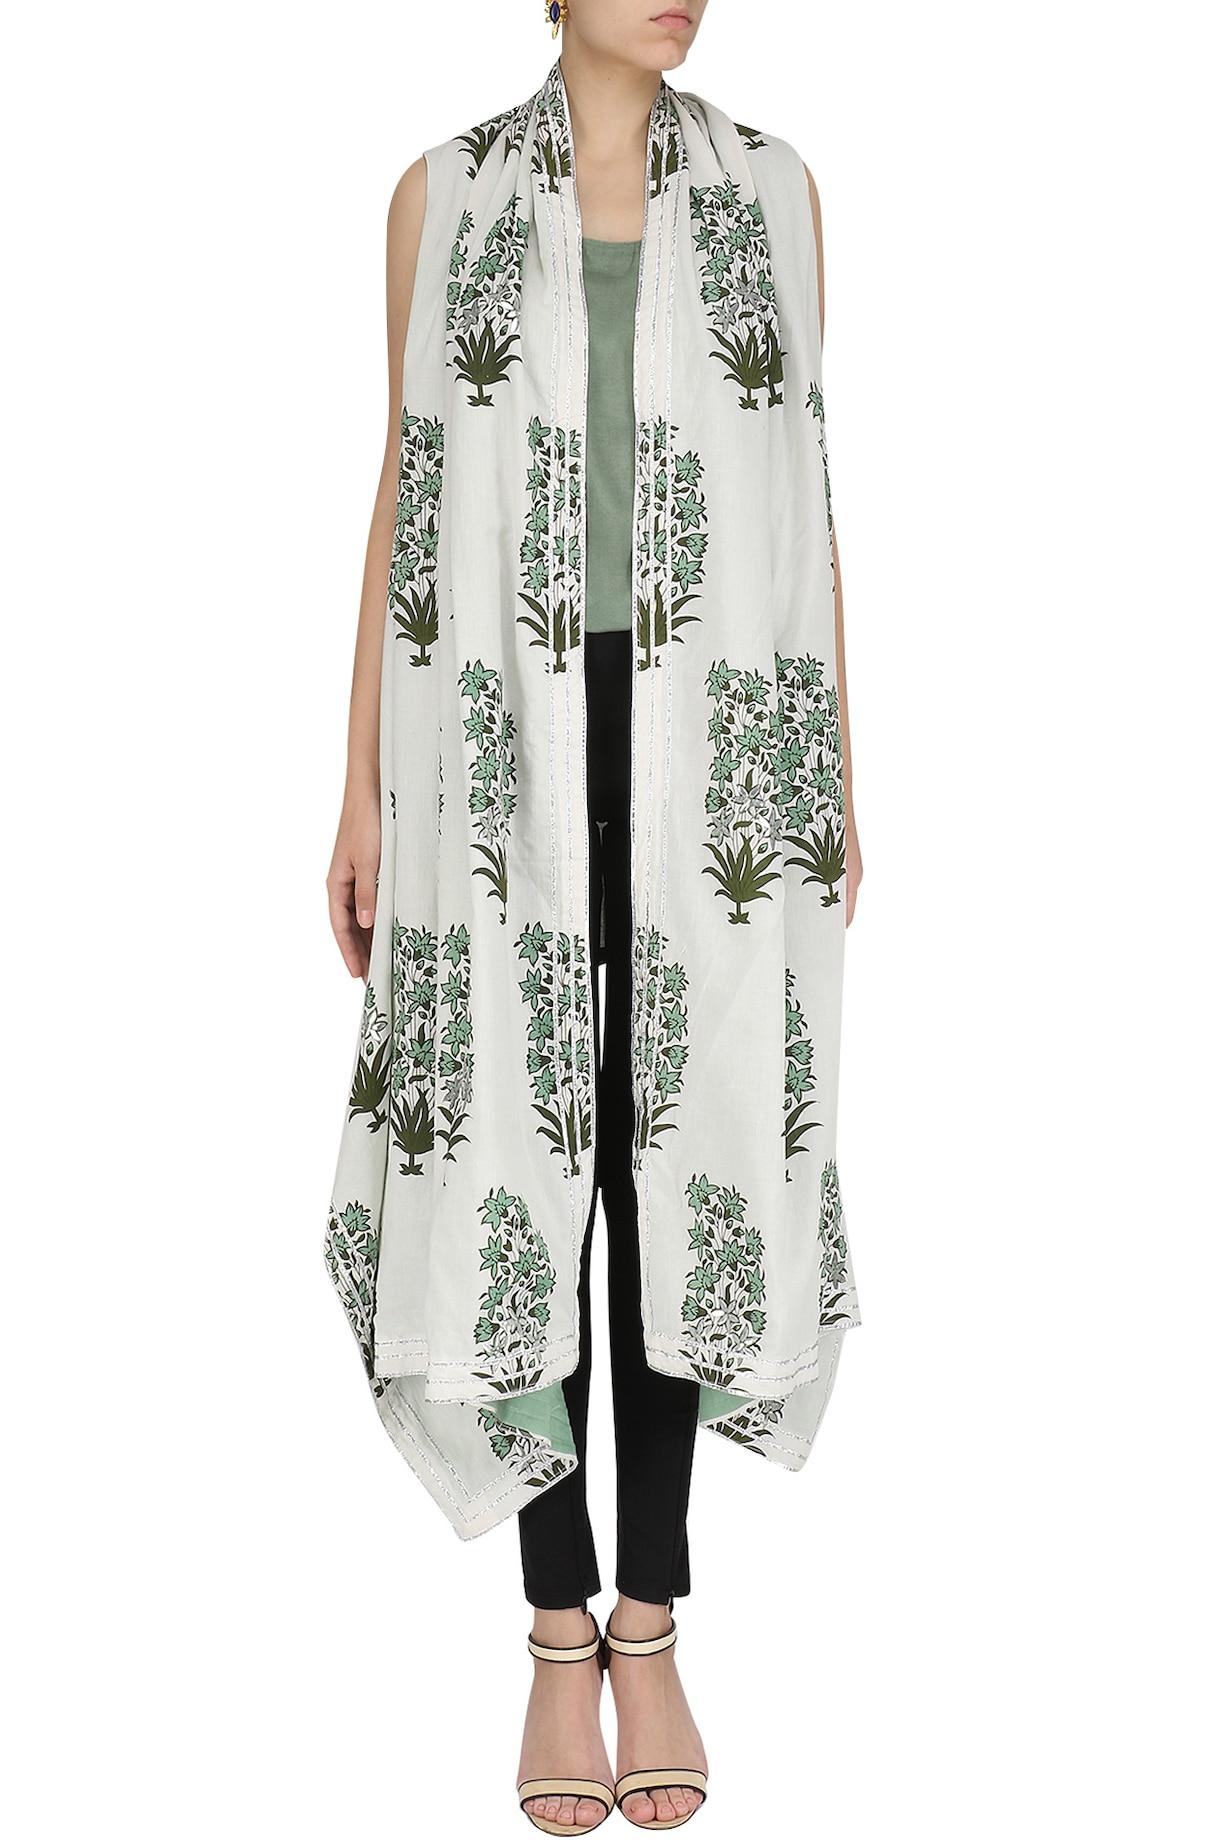 Shirrin Design Co. Capes